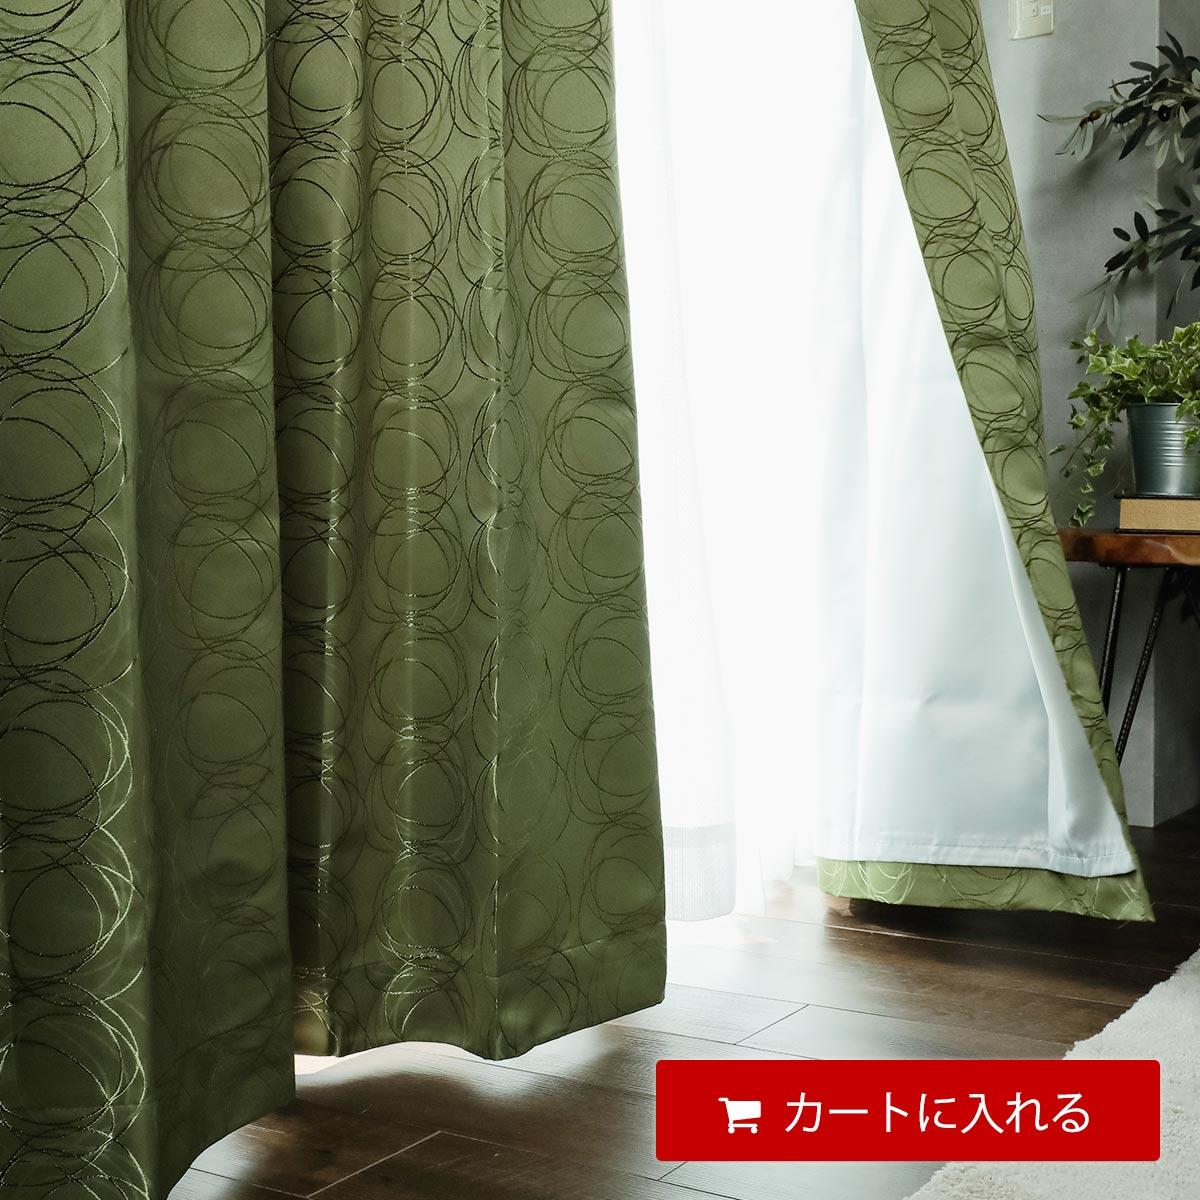 ドレープカーテン『遮光カーテン ティリオン』画像4